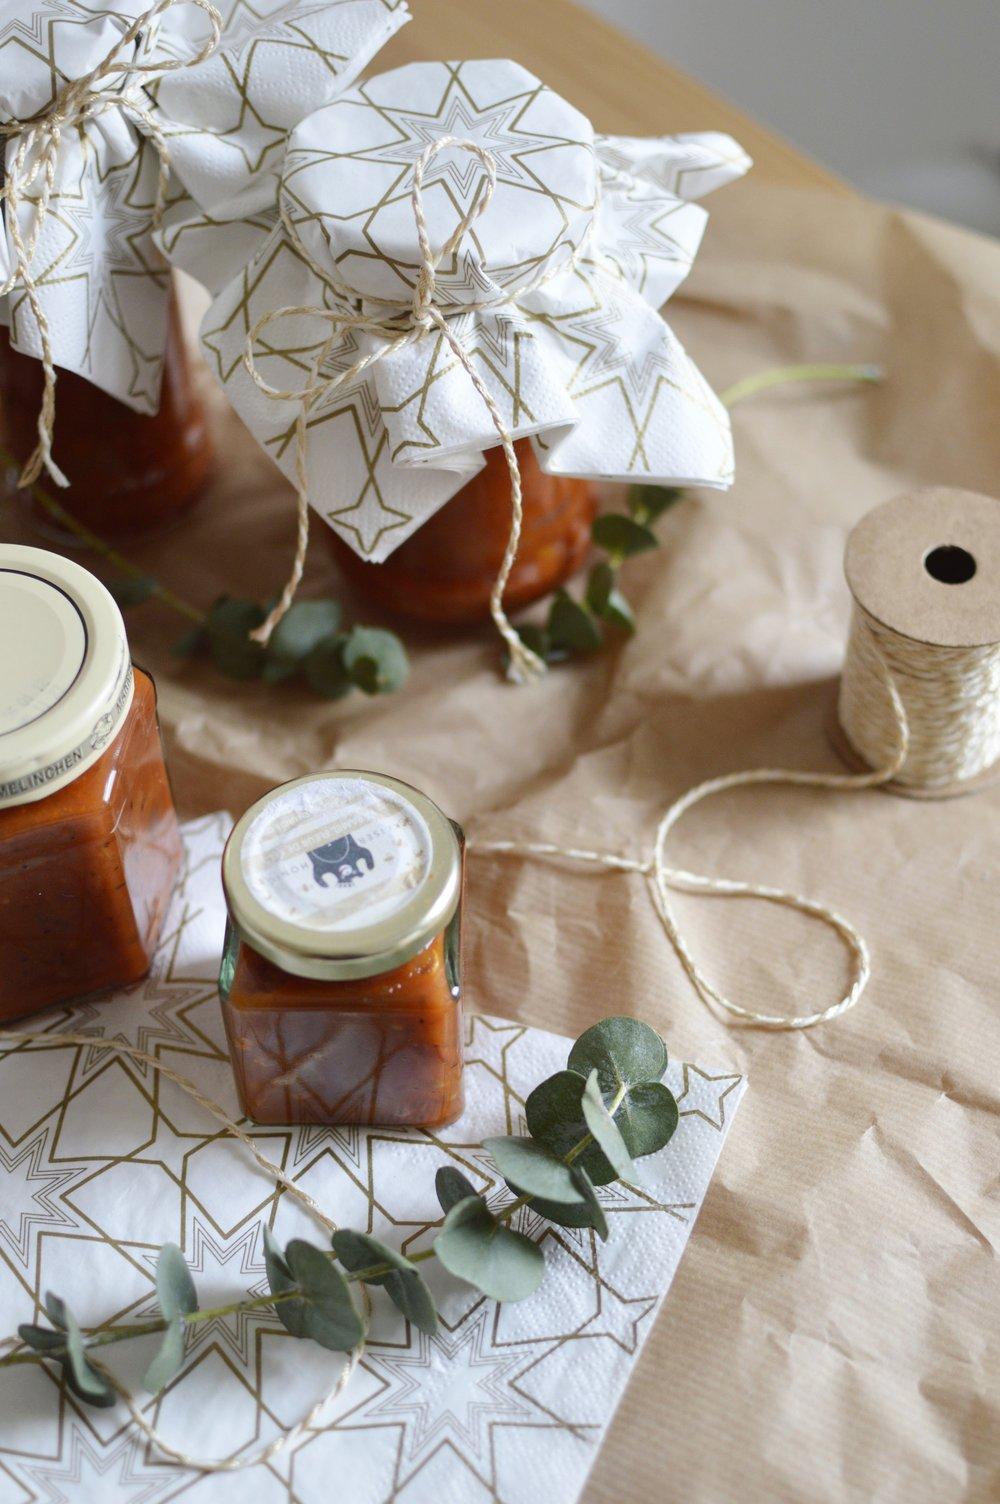 Rezept-Birnen-Tomaten-Chutney-Last-Minute-Weihnachtsgeschenk-Selbstgemacht